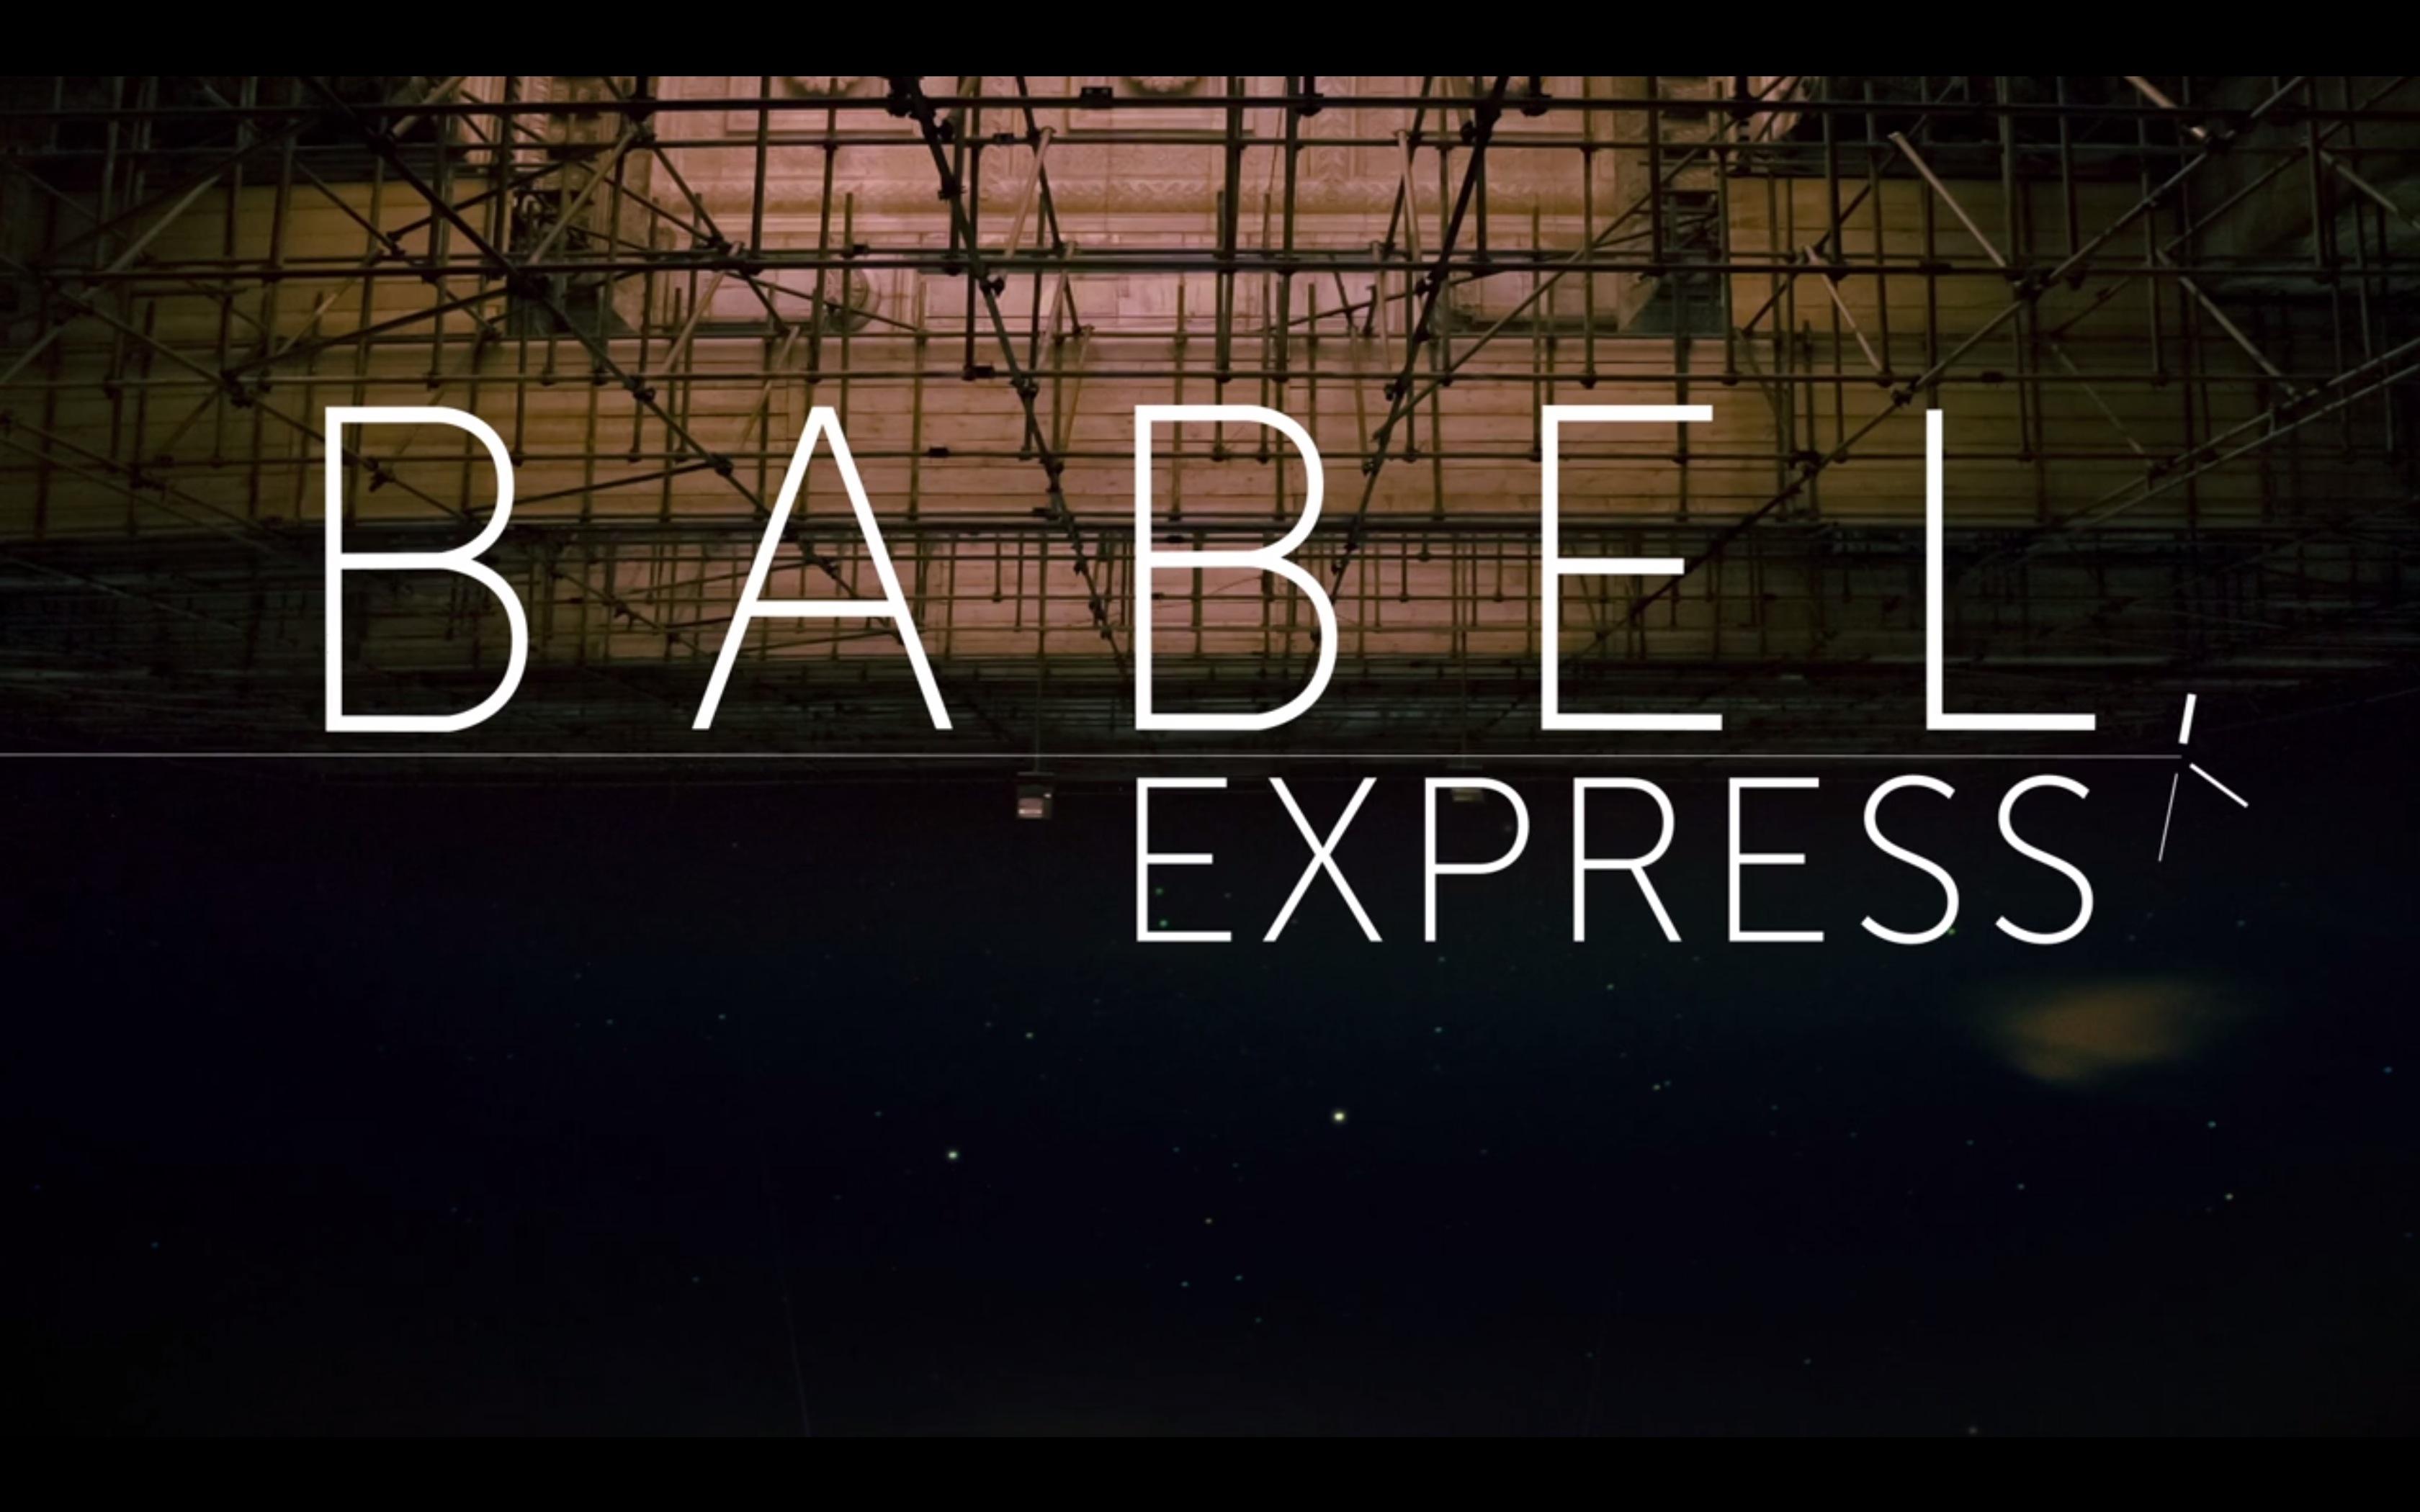 BABEL EXPRESS – Opening Titles